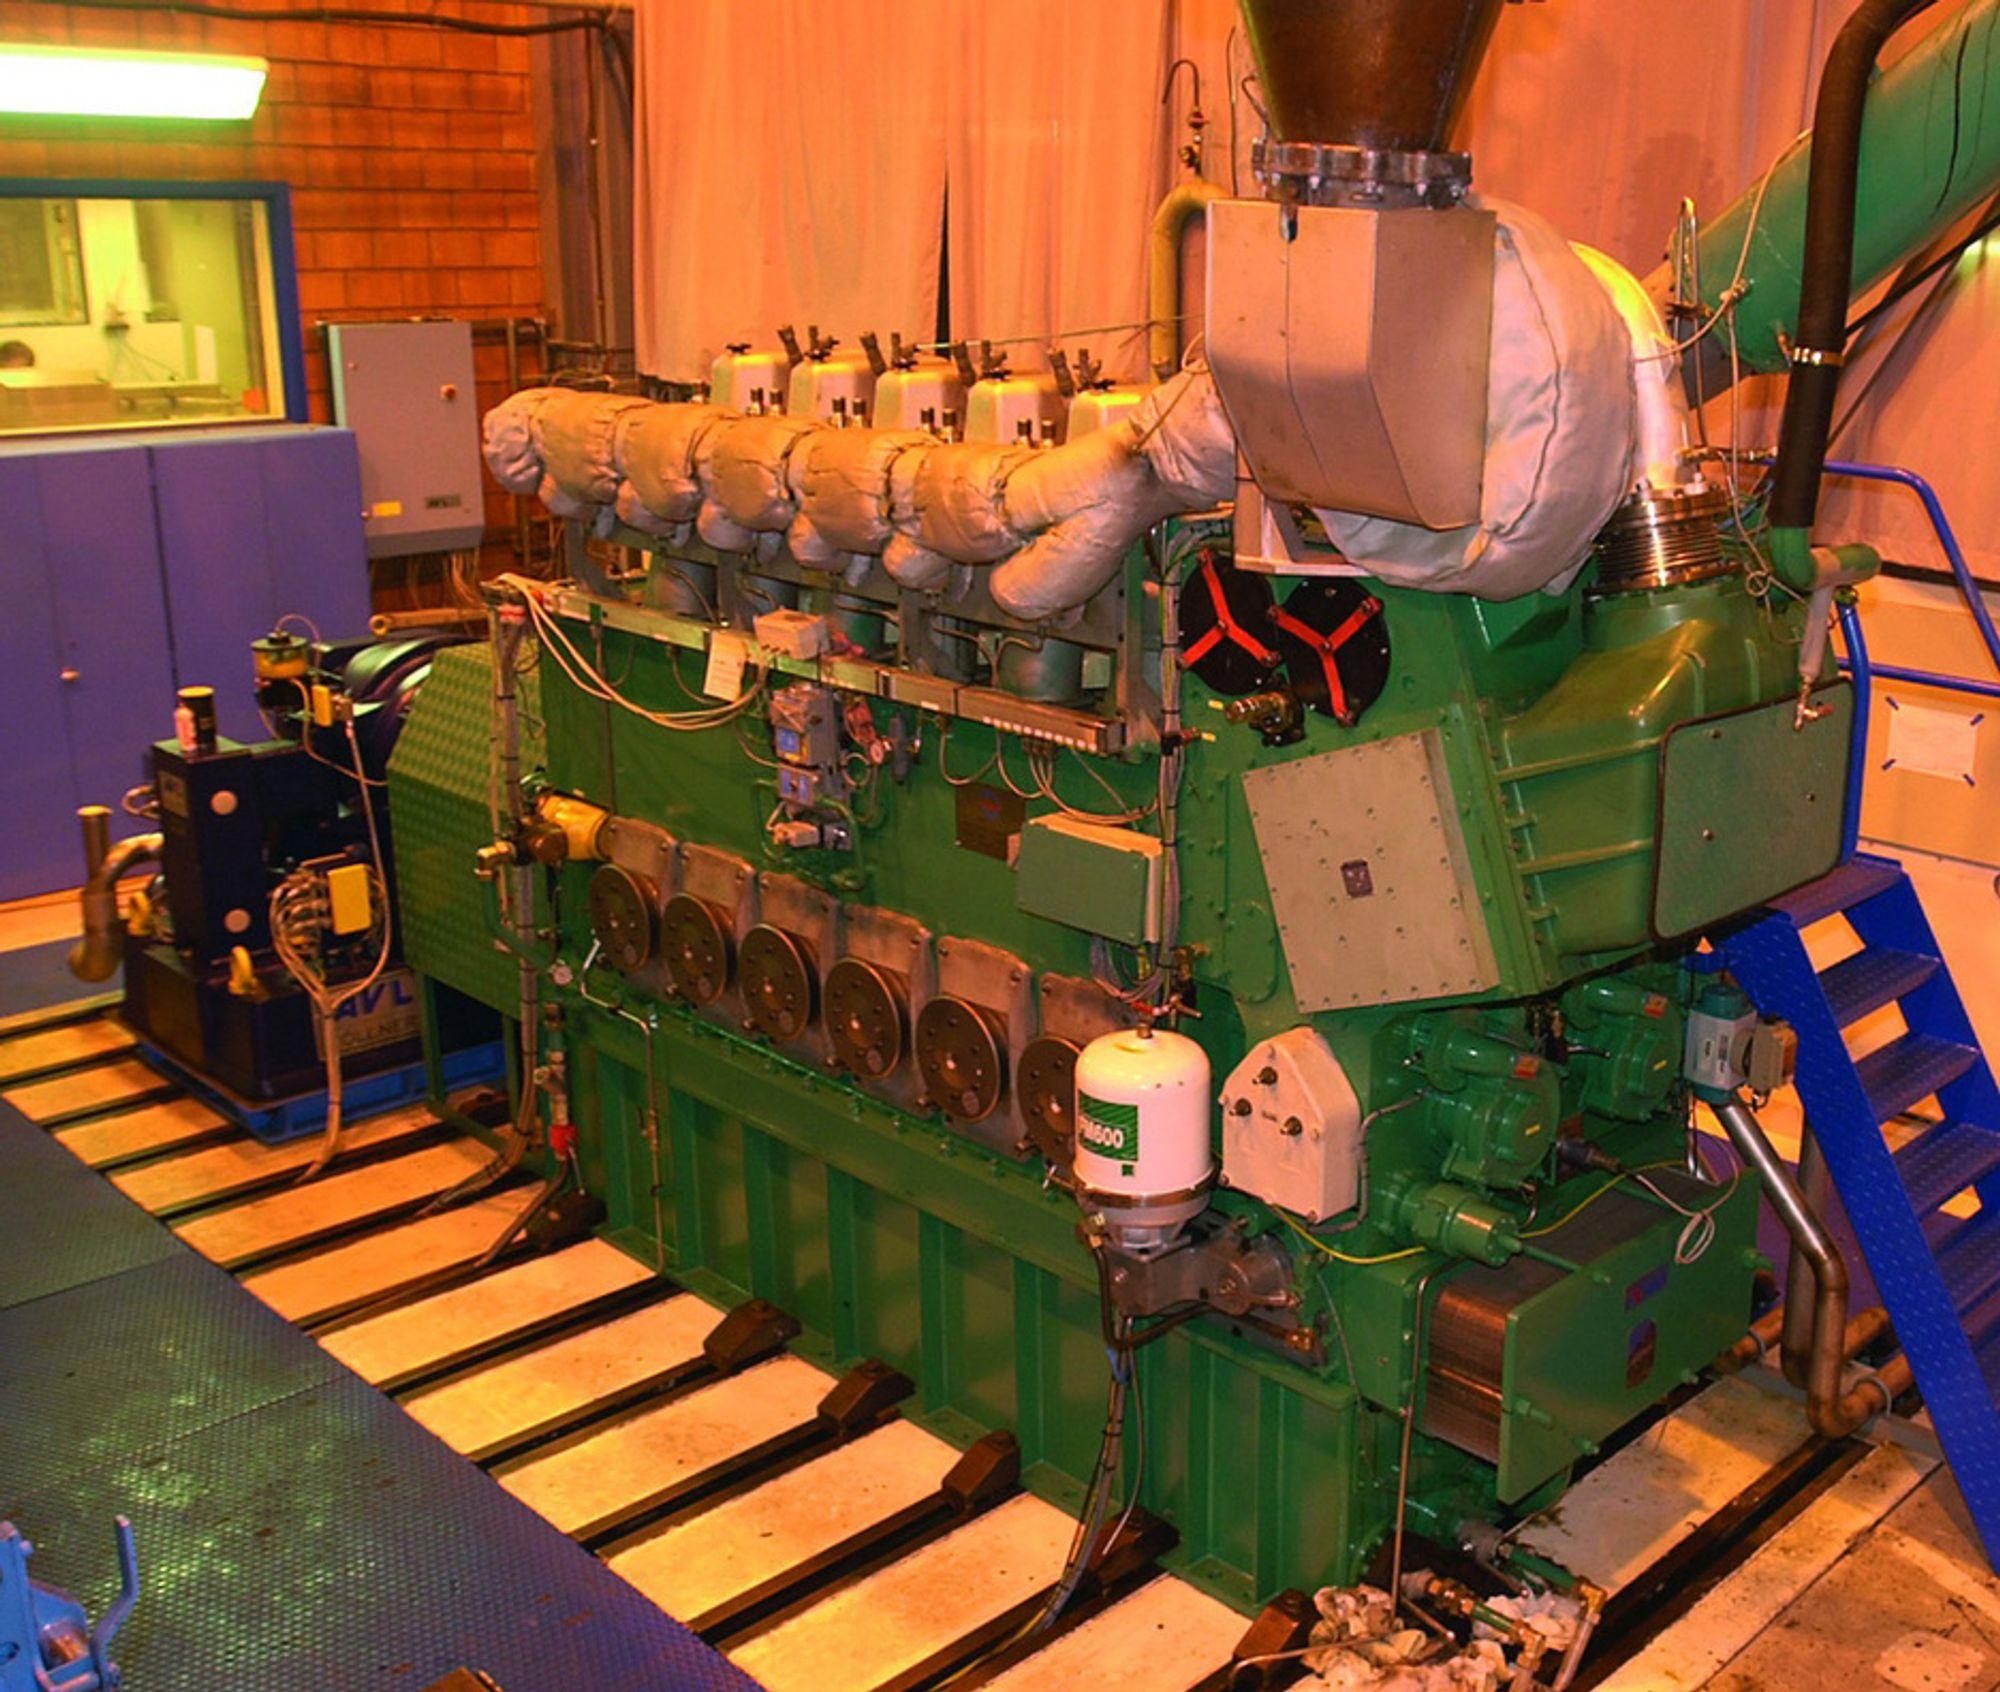 NYE MULIGHETER: Den foreslåtte fusjonen mellom Rolls-Royce, Daimler og MTU kan bidra til økt aktivitet ved motorfabrikken til Rolls-Royce på Hordneset. Her testes en gassmotor.